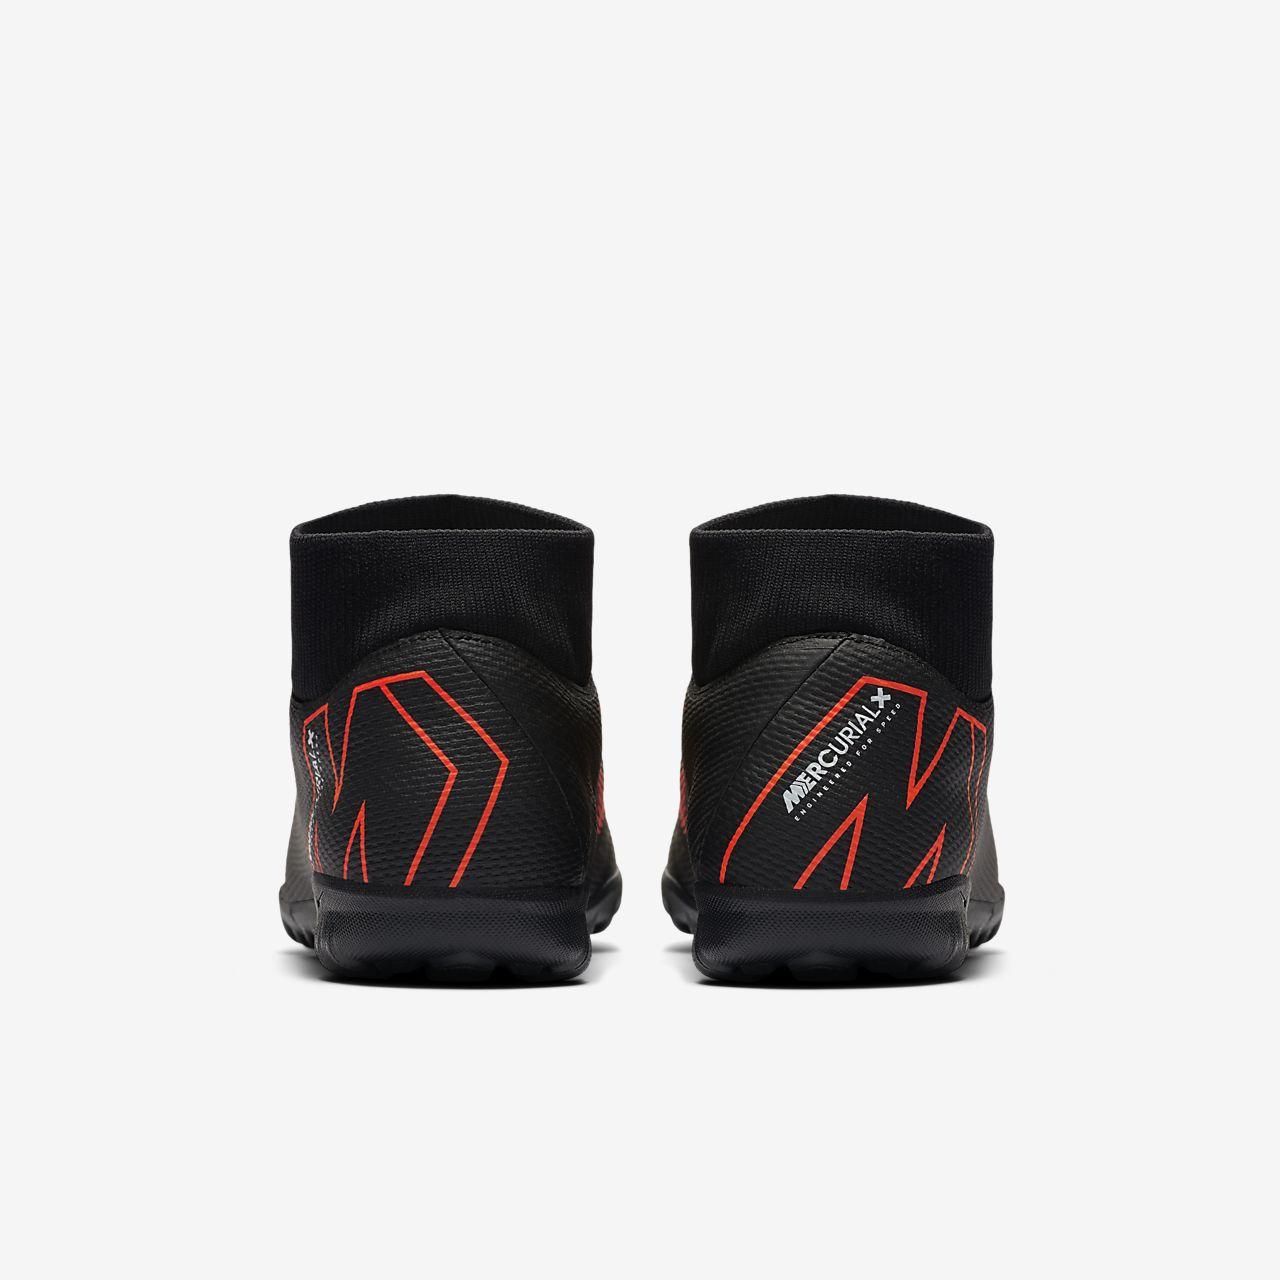 Nike MercurialX Superfly VI Academy Fußballschuh für Kunstrasen